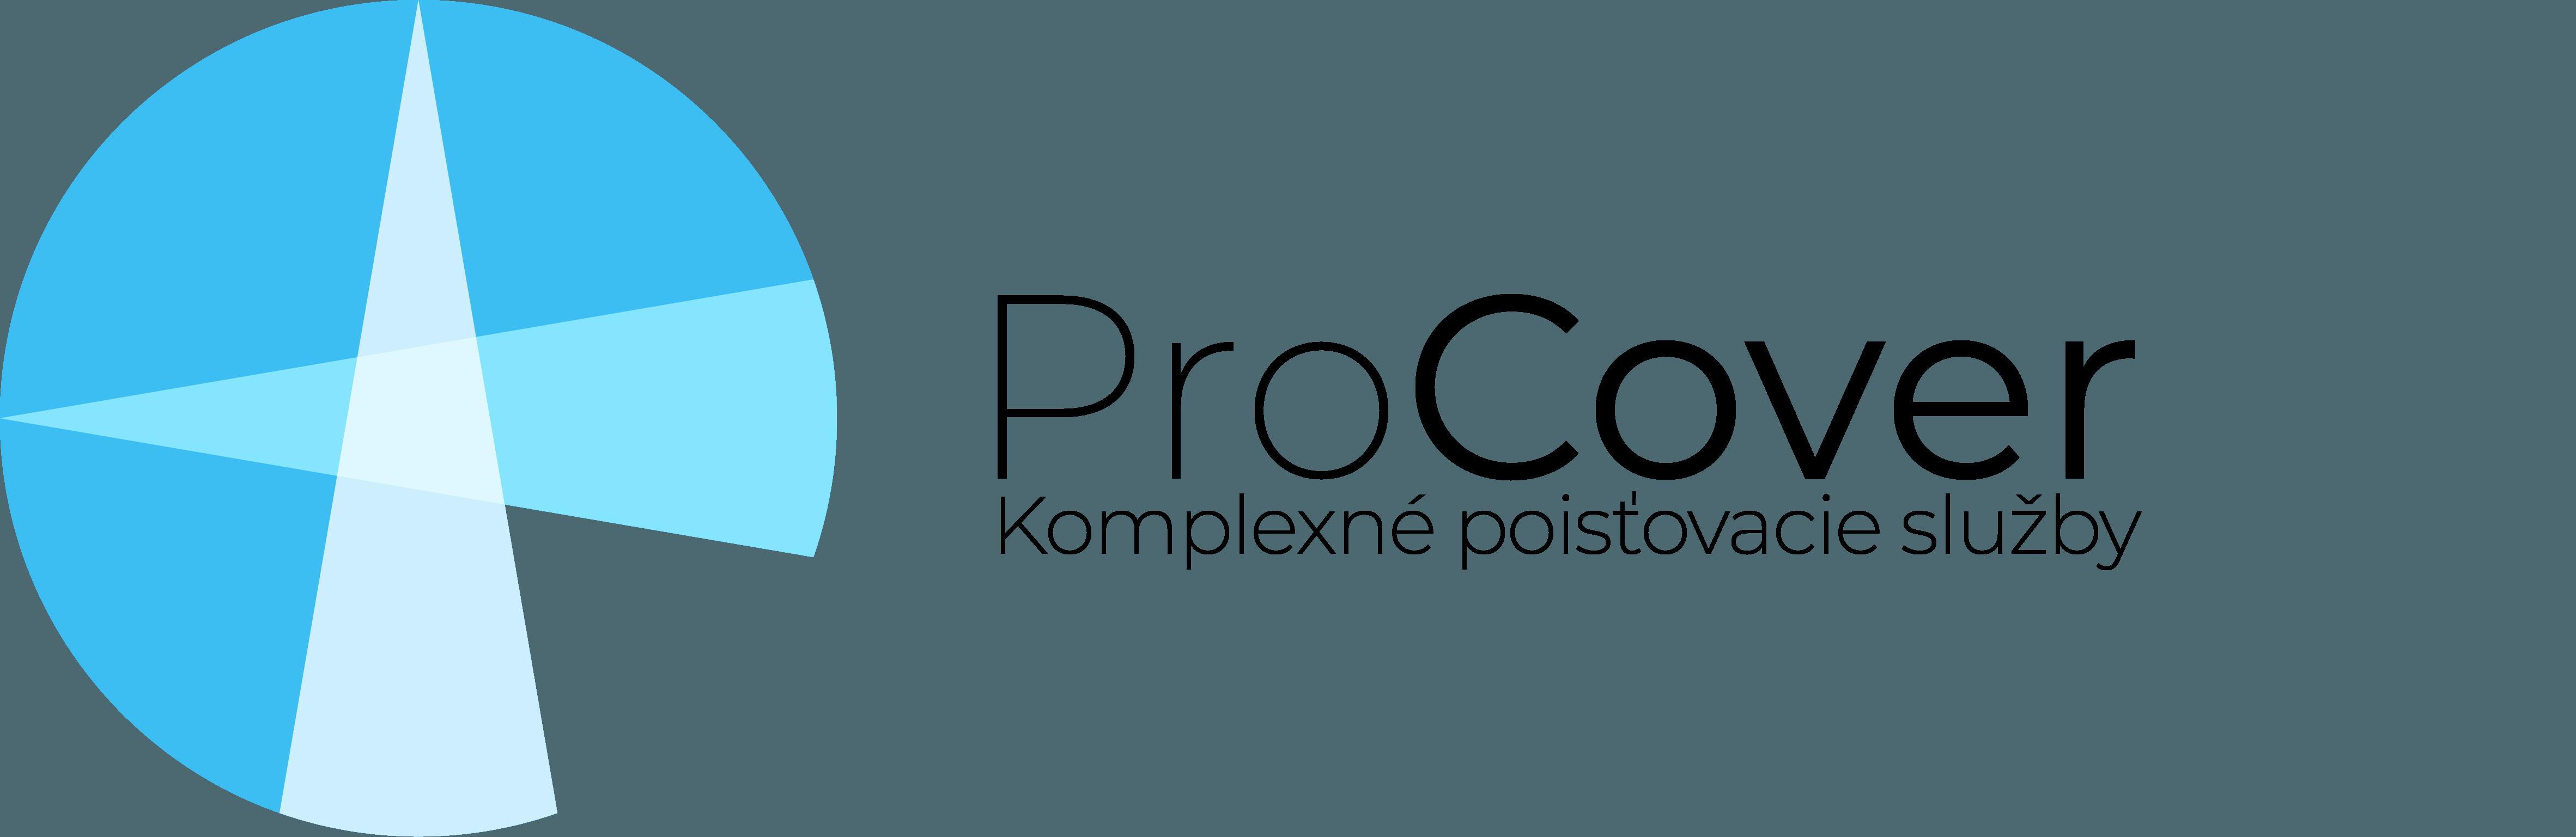 Procover